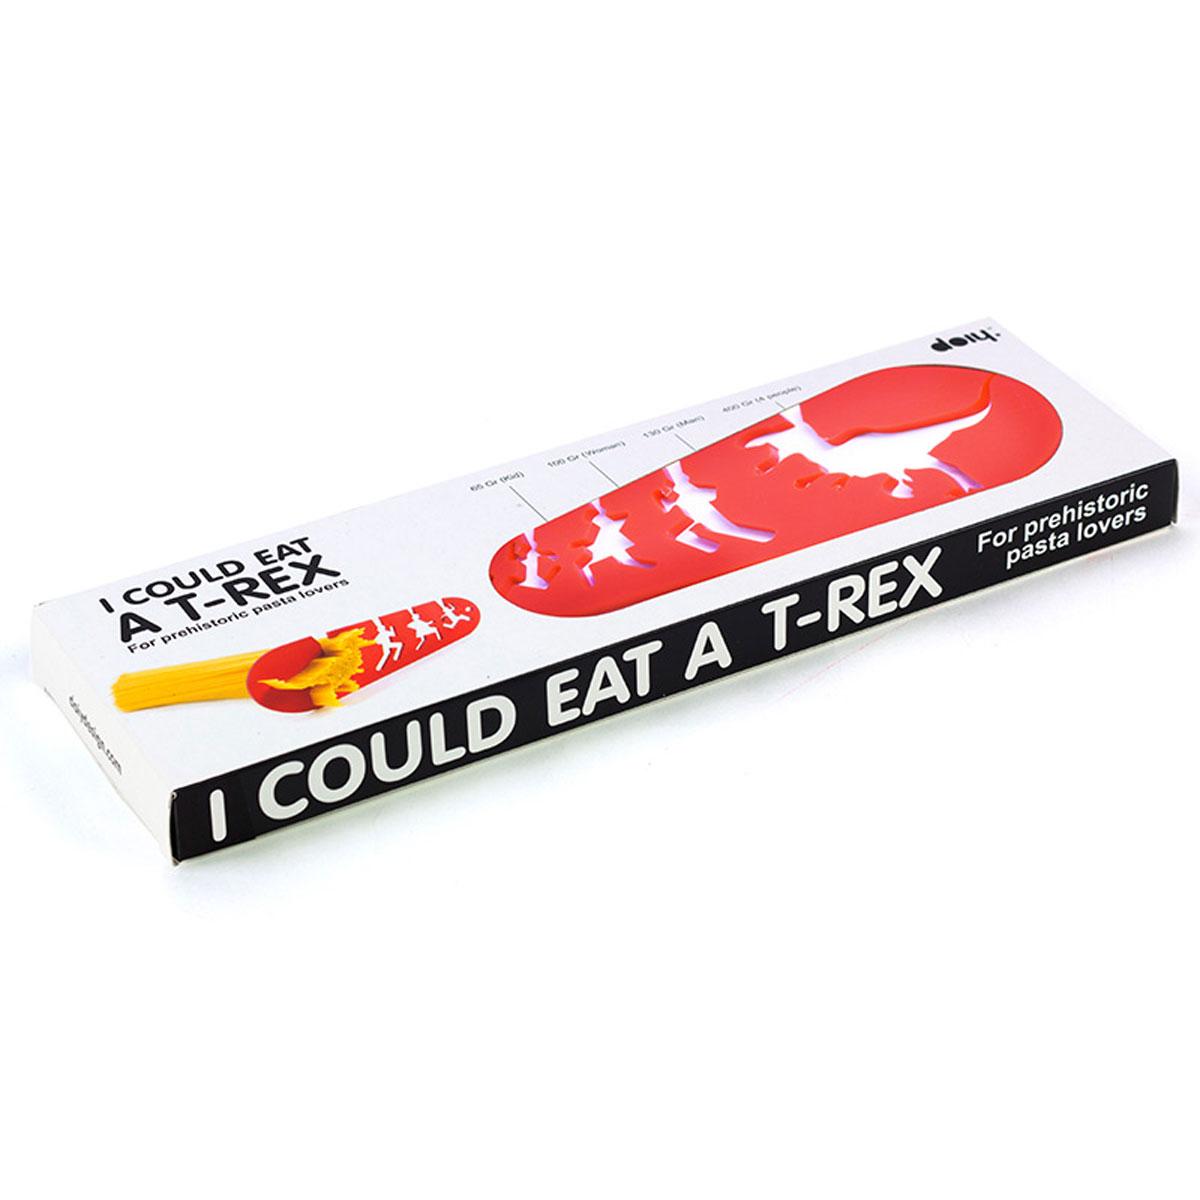 Мера для спагетти Doiy I Could Eat A T-Rex, цвет: красныйDYICOULTXЗабавная мера для спагетти Doiy I Could Eat A T-Rex выполнена из экологически чистого пищевого пластика. Мера предназначена для спагетти, пасты, макарон, оснащена мерными делениями для мужчины, женщины, ребенка и для тех, кто так голоден, что съел бы тиранозавра (порция рассчитана на 4 человека). Размер меры: 17 см х 7 см.